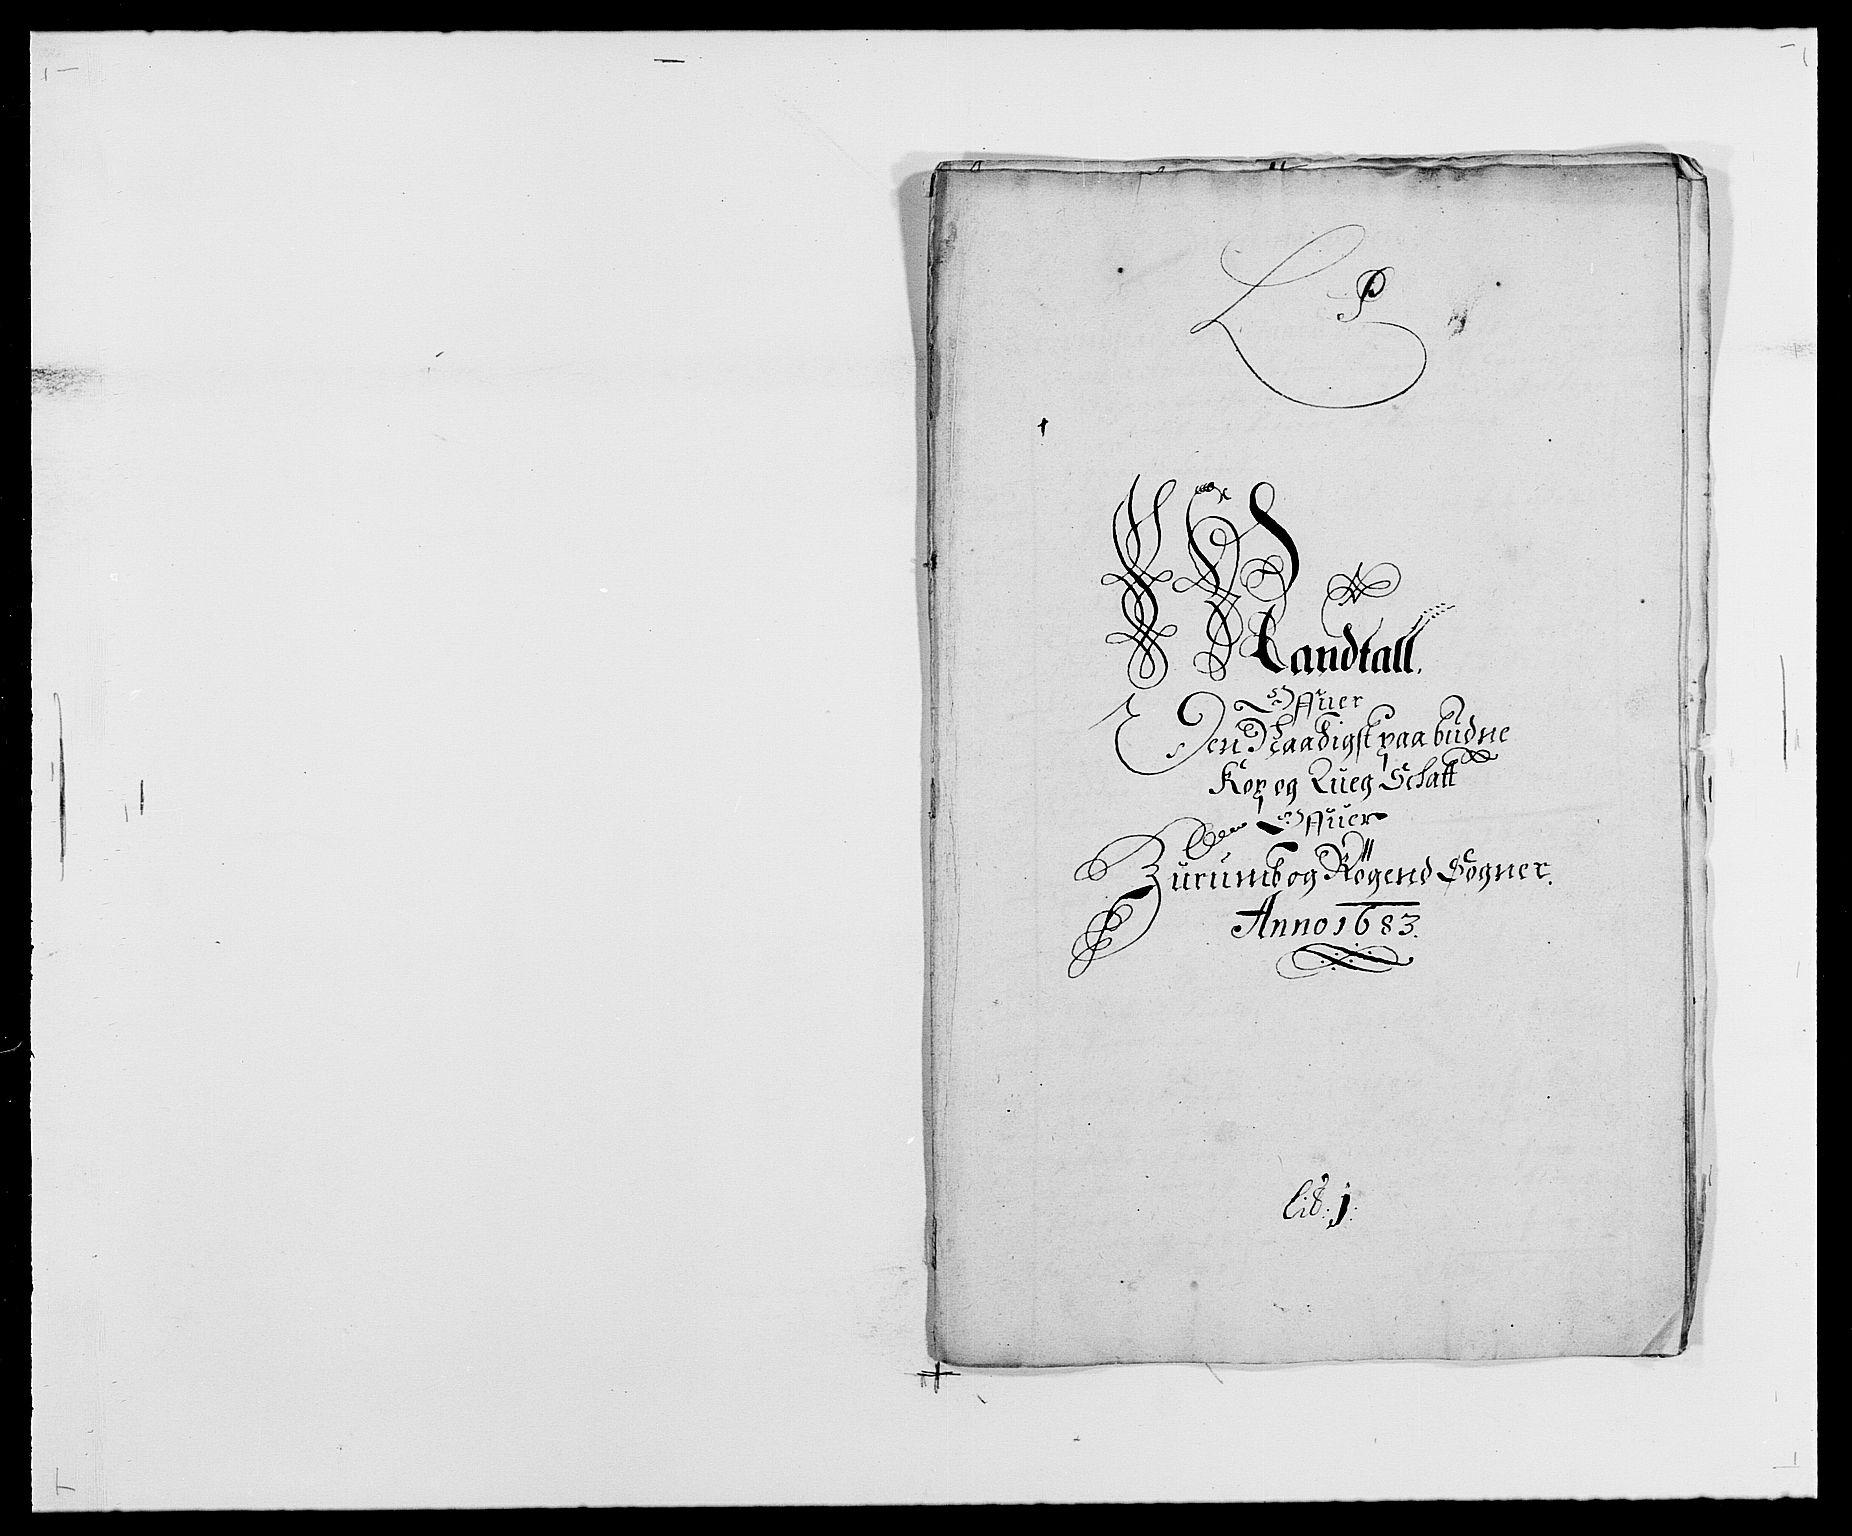 RA, Rentekammeret inntil 1814, Reviderte regnskaper, Fogderegnskap, R29/L1692: Fogderegnskap Hurum og Røyken, 1682-1687, s. 167